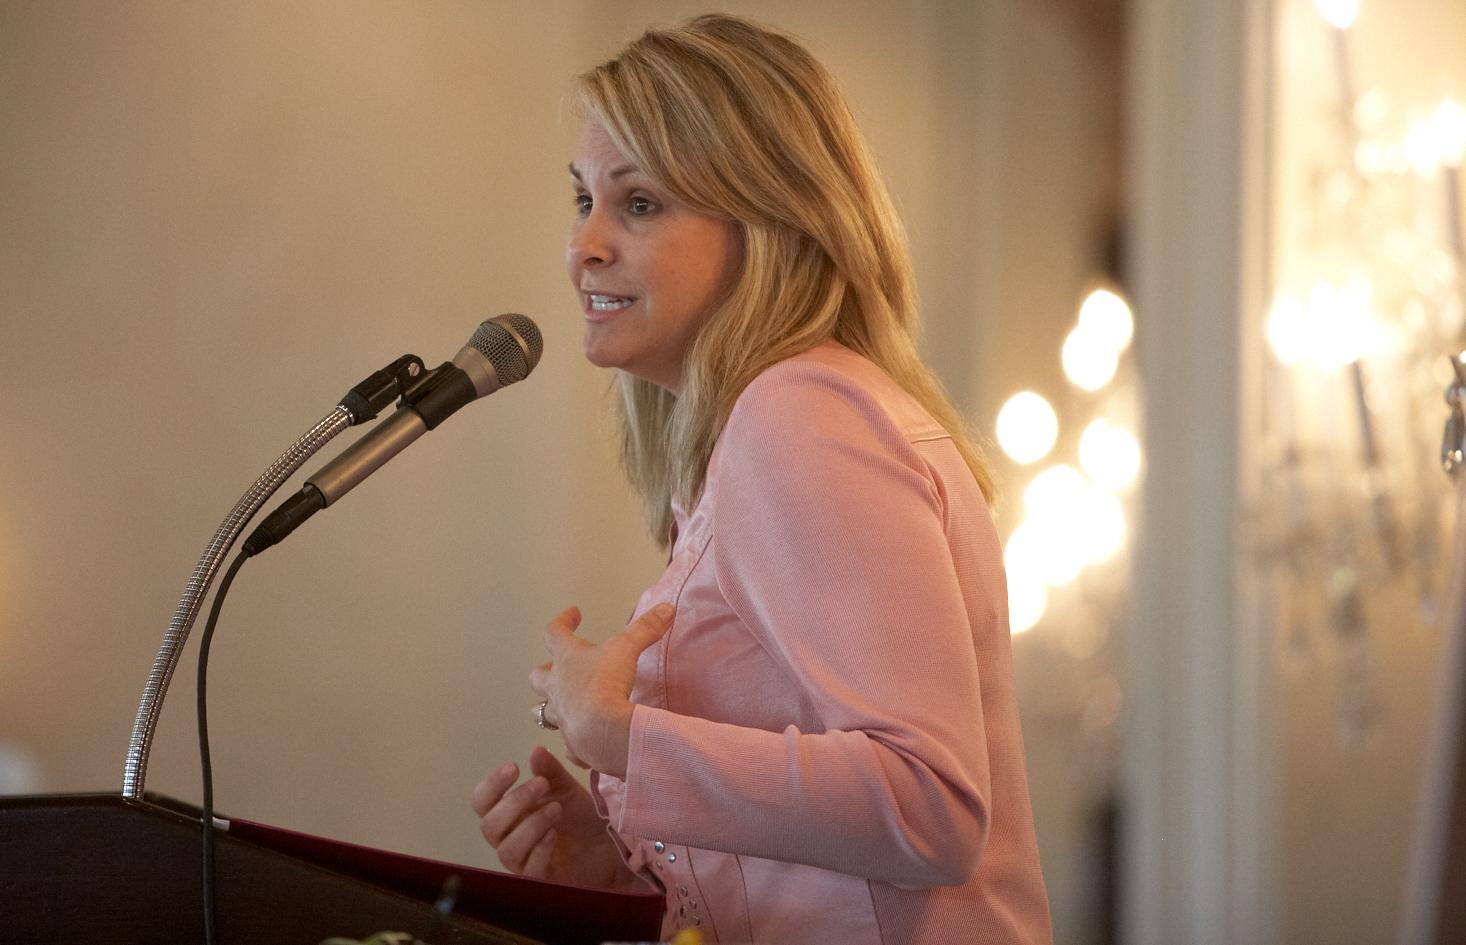 Kim Becking, breast cancer survivor, author